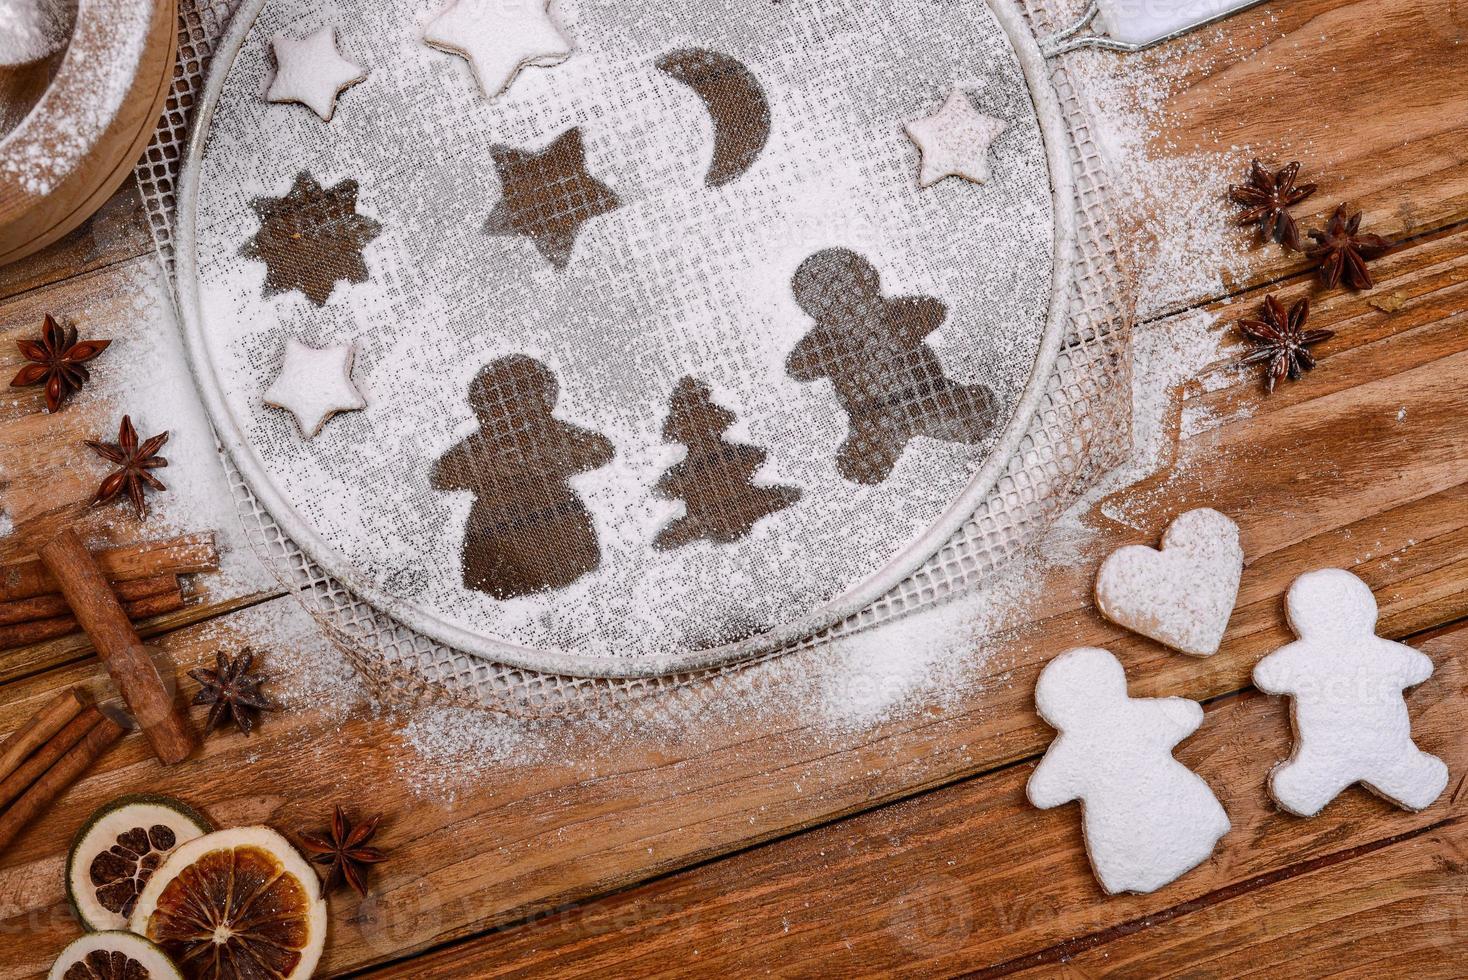 galletas de navidad en escena divertida foto